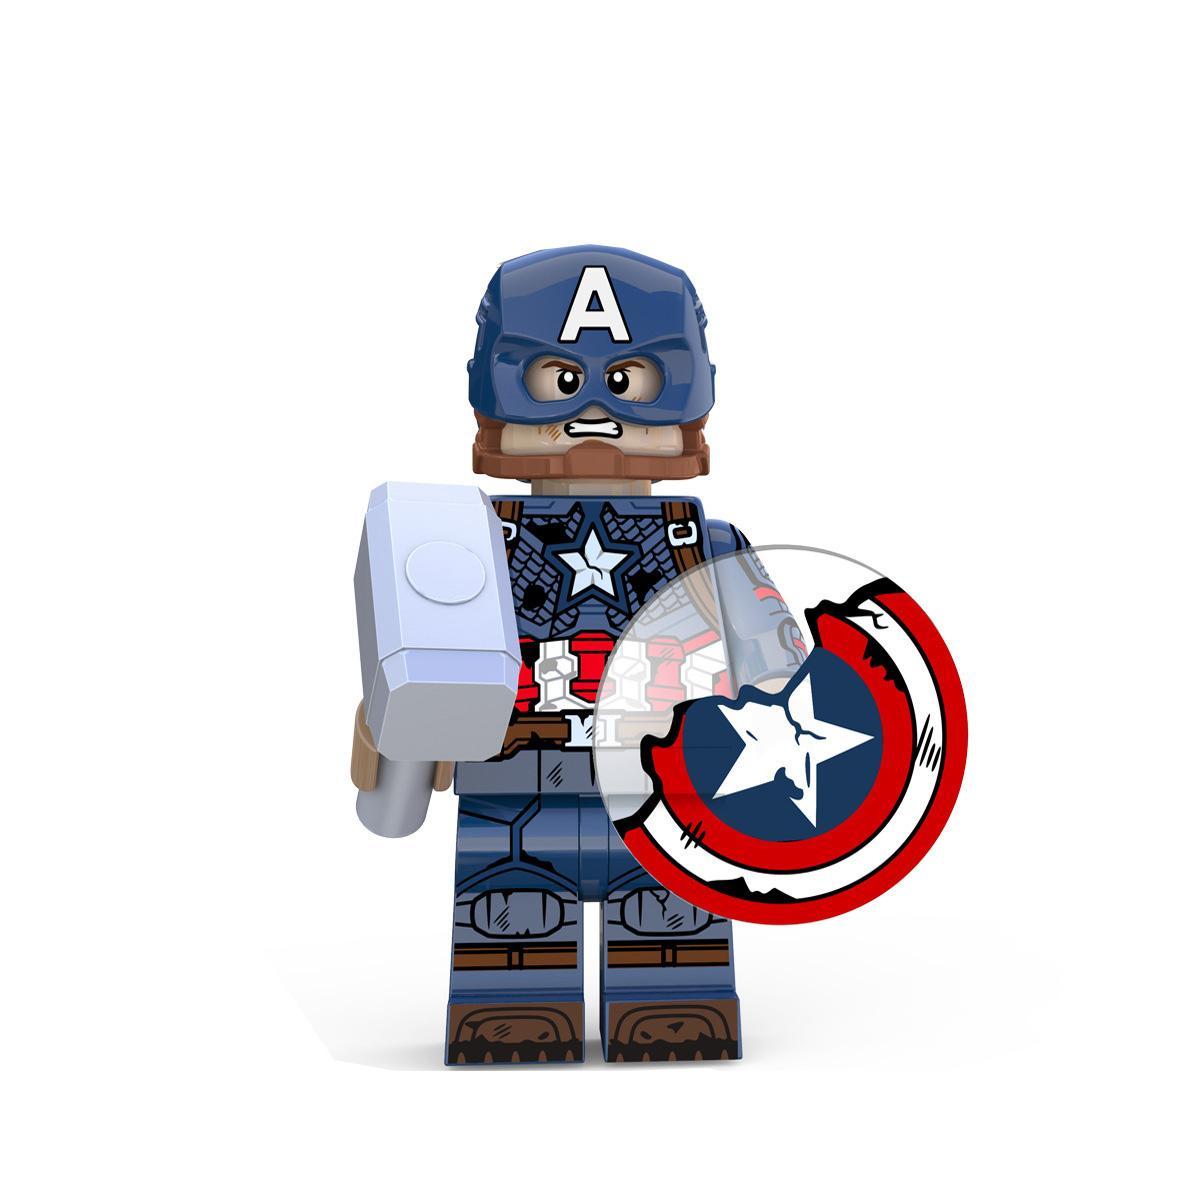 Set of 8 Marvel Avengers Blocks Captain America Steve Rogers